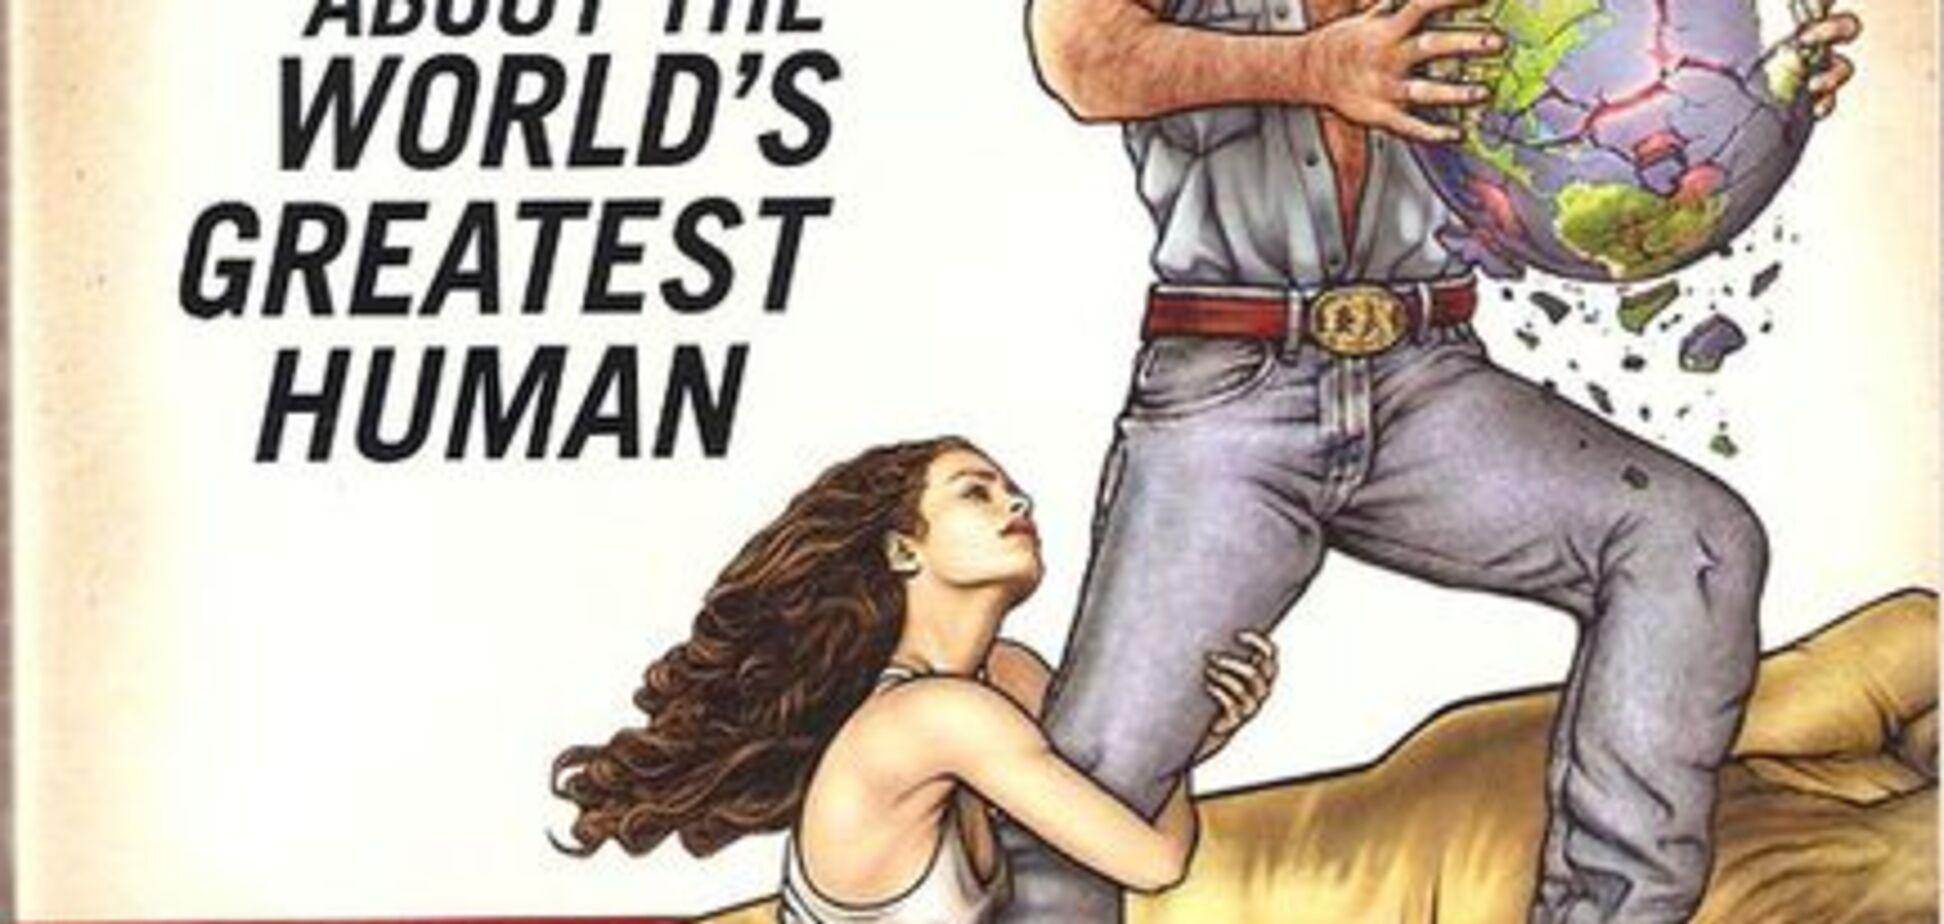 400 фактов о величайшем человеке всех времён Чаке Норрисе